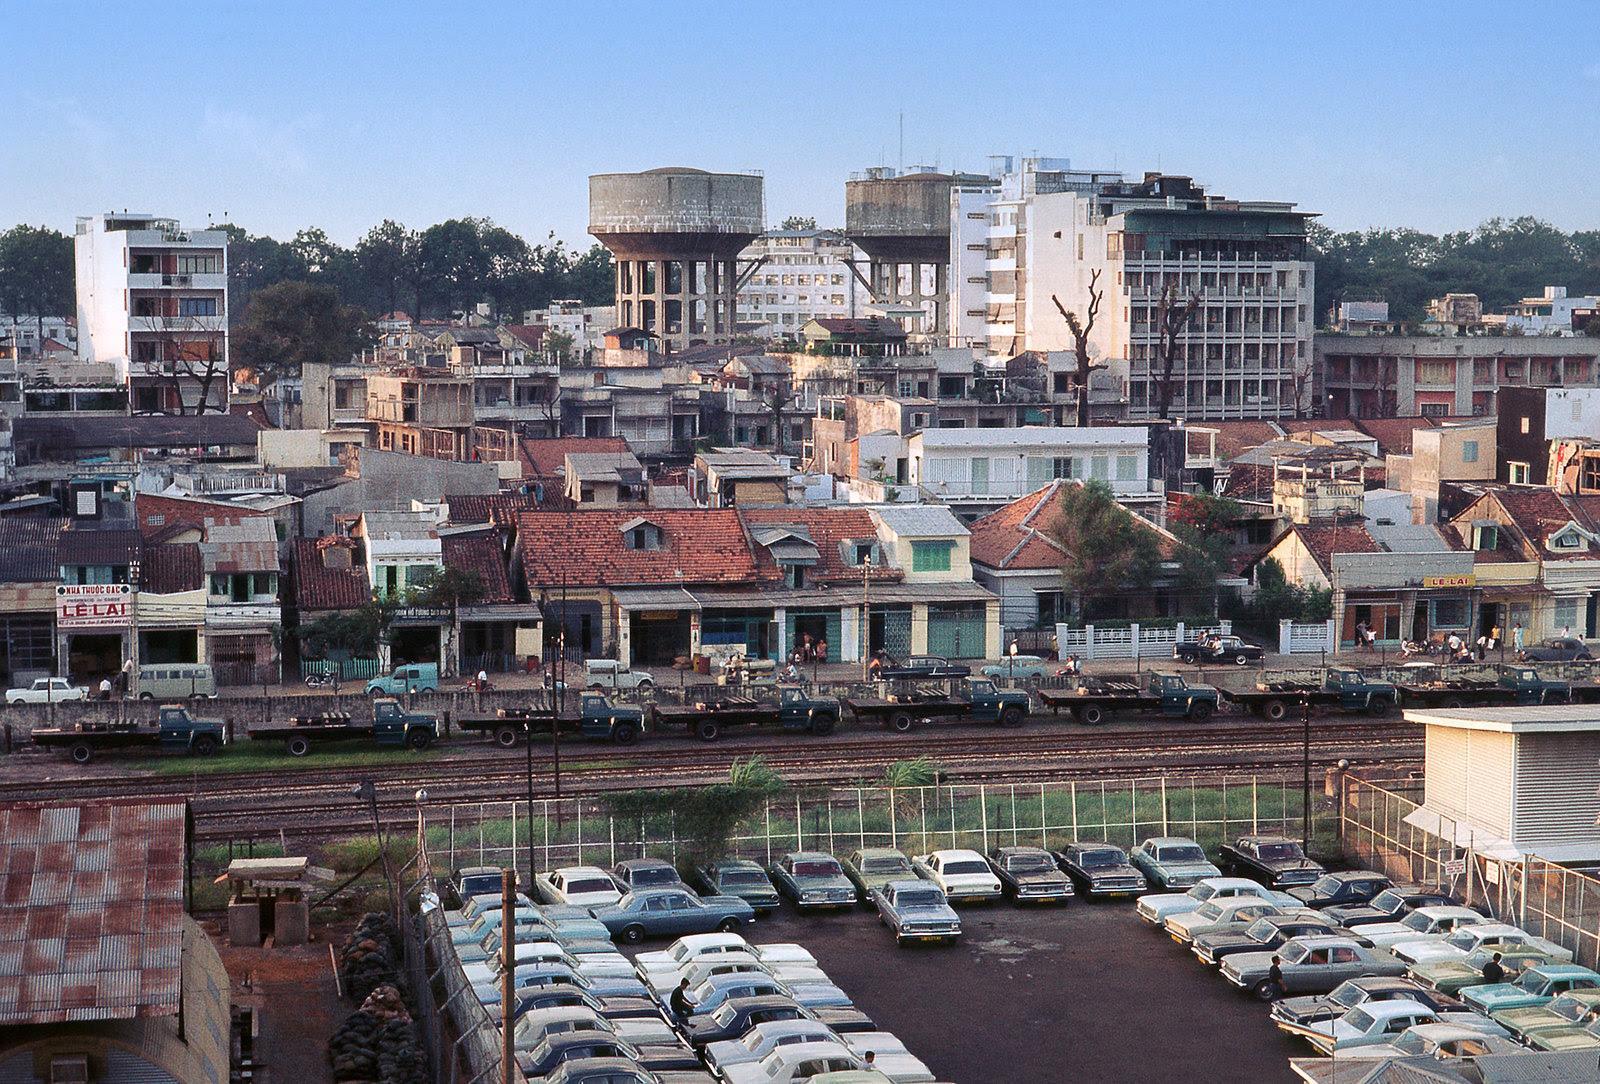 60 tấm ảnh màu đẹp nhất của đường phố Saigon thập niên 1960-1970 - 8